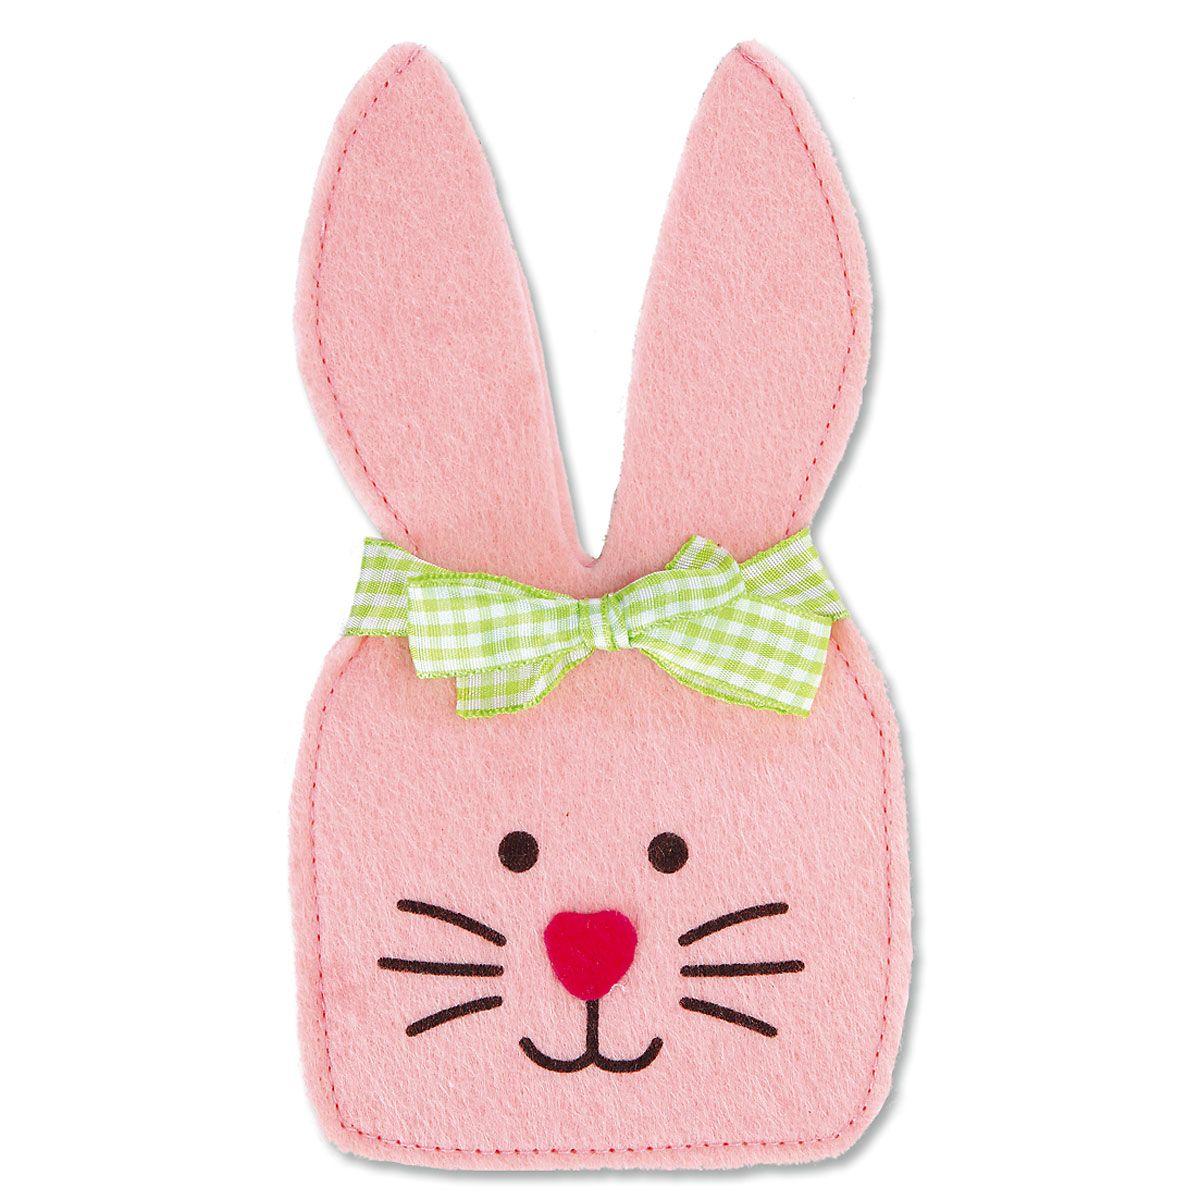 Felt Bunny Pouches